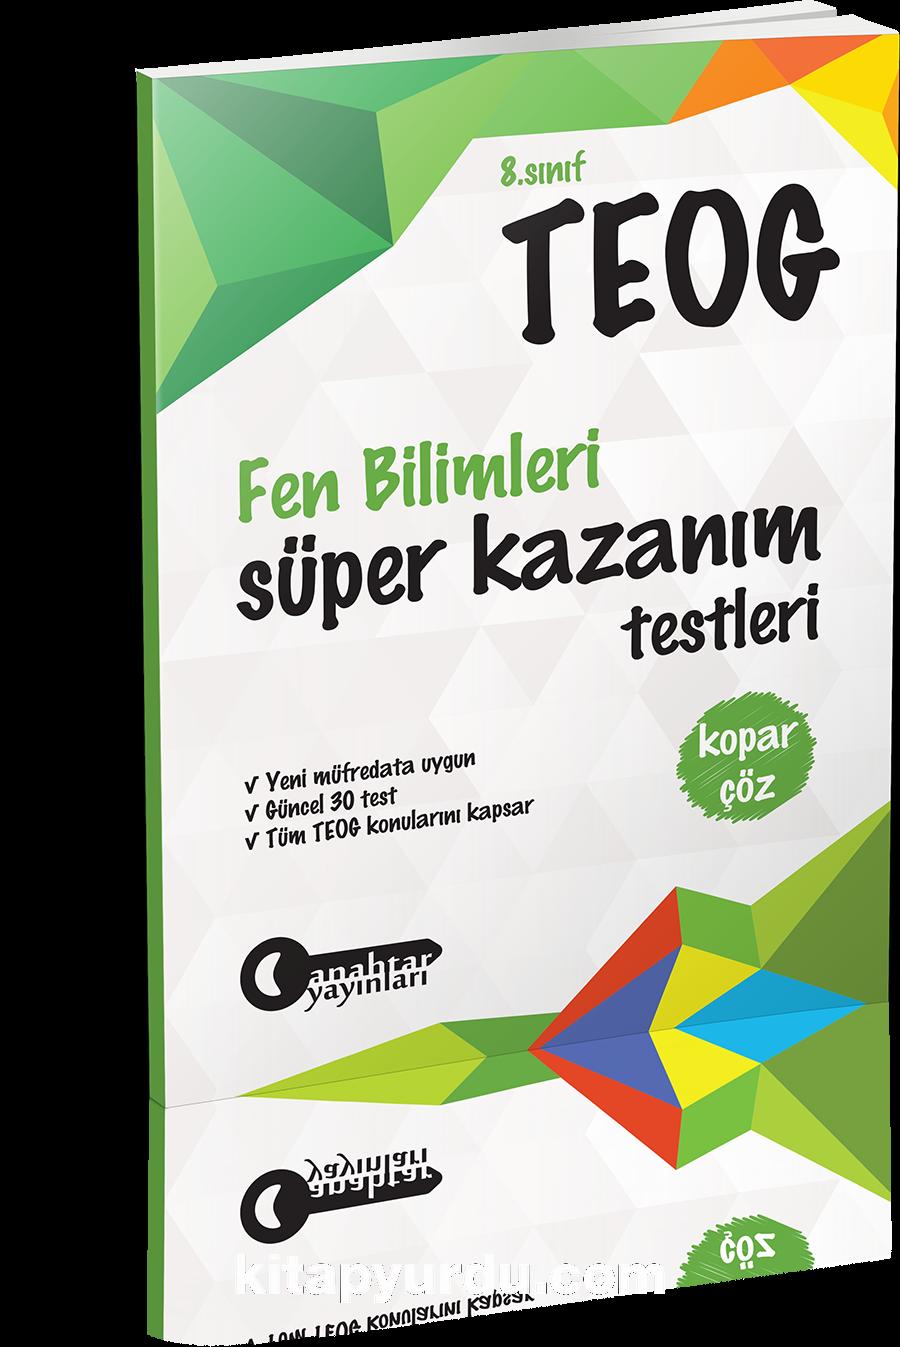 8. Sınıf TEOG Fen Bilimleri Kopar Çöz Süper Kazanım Testleri